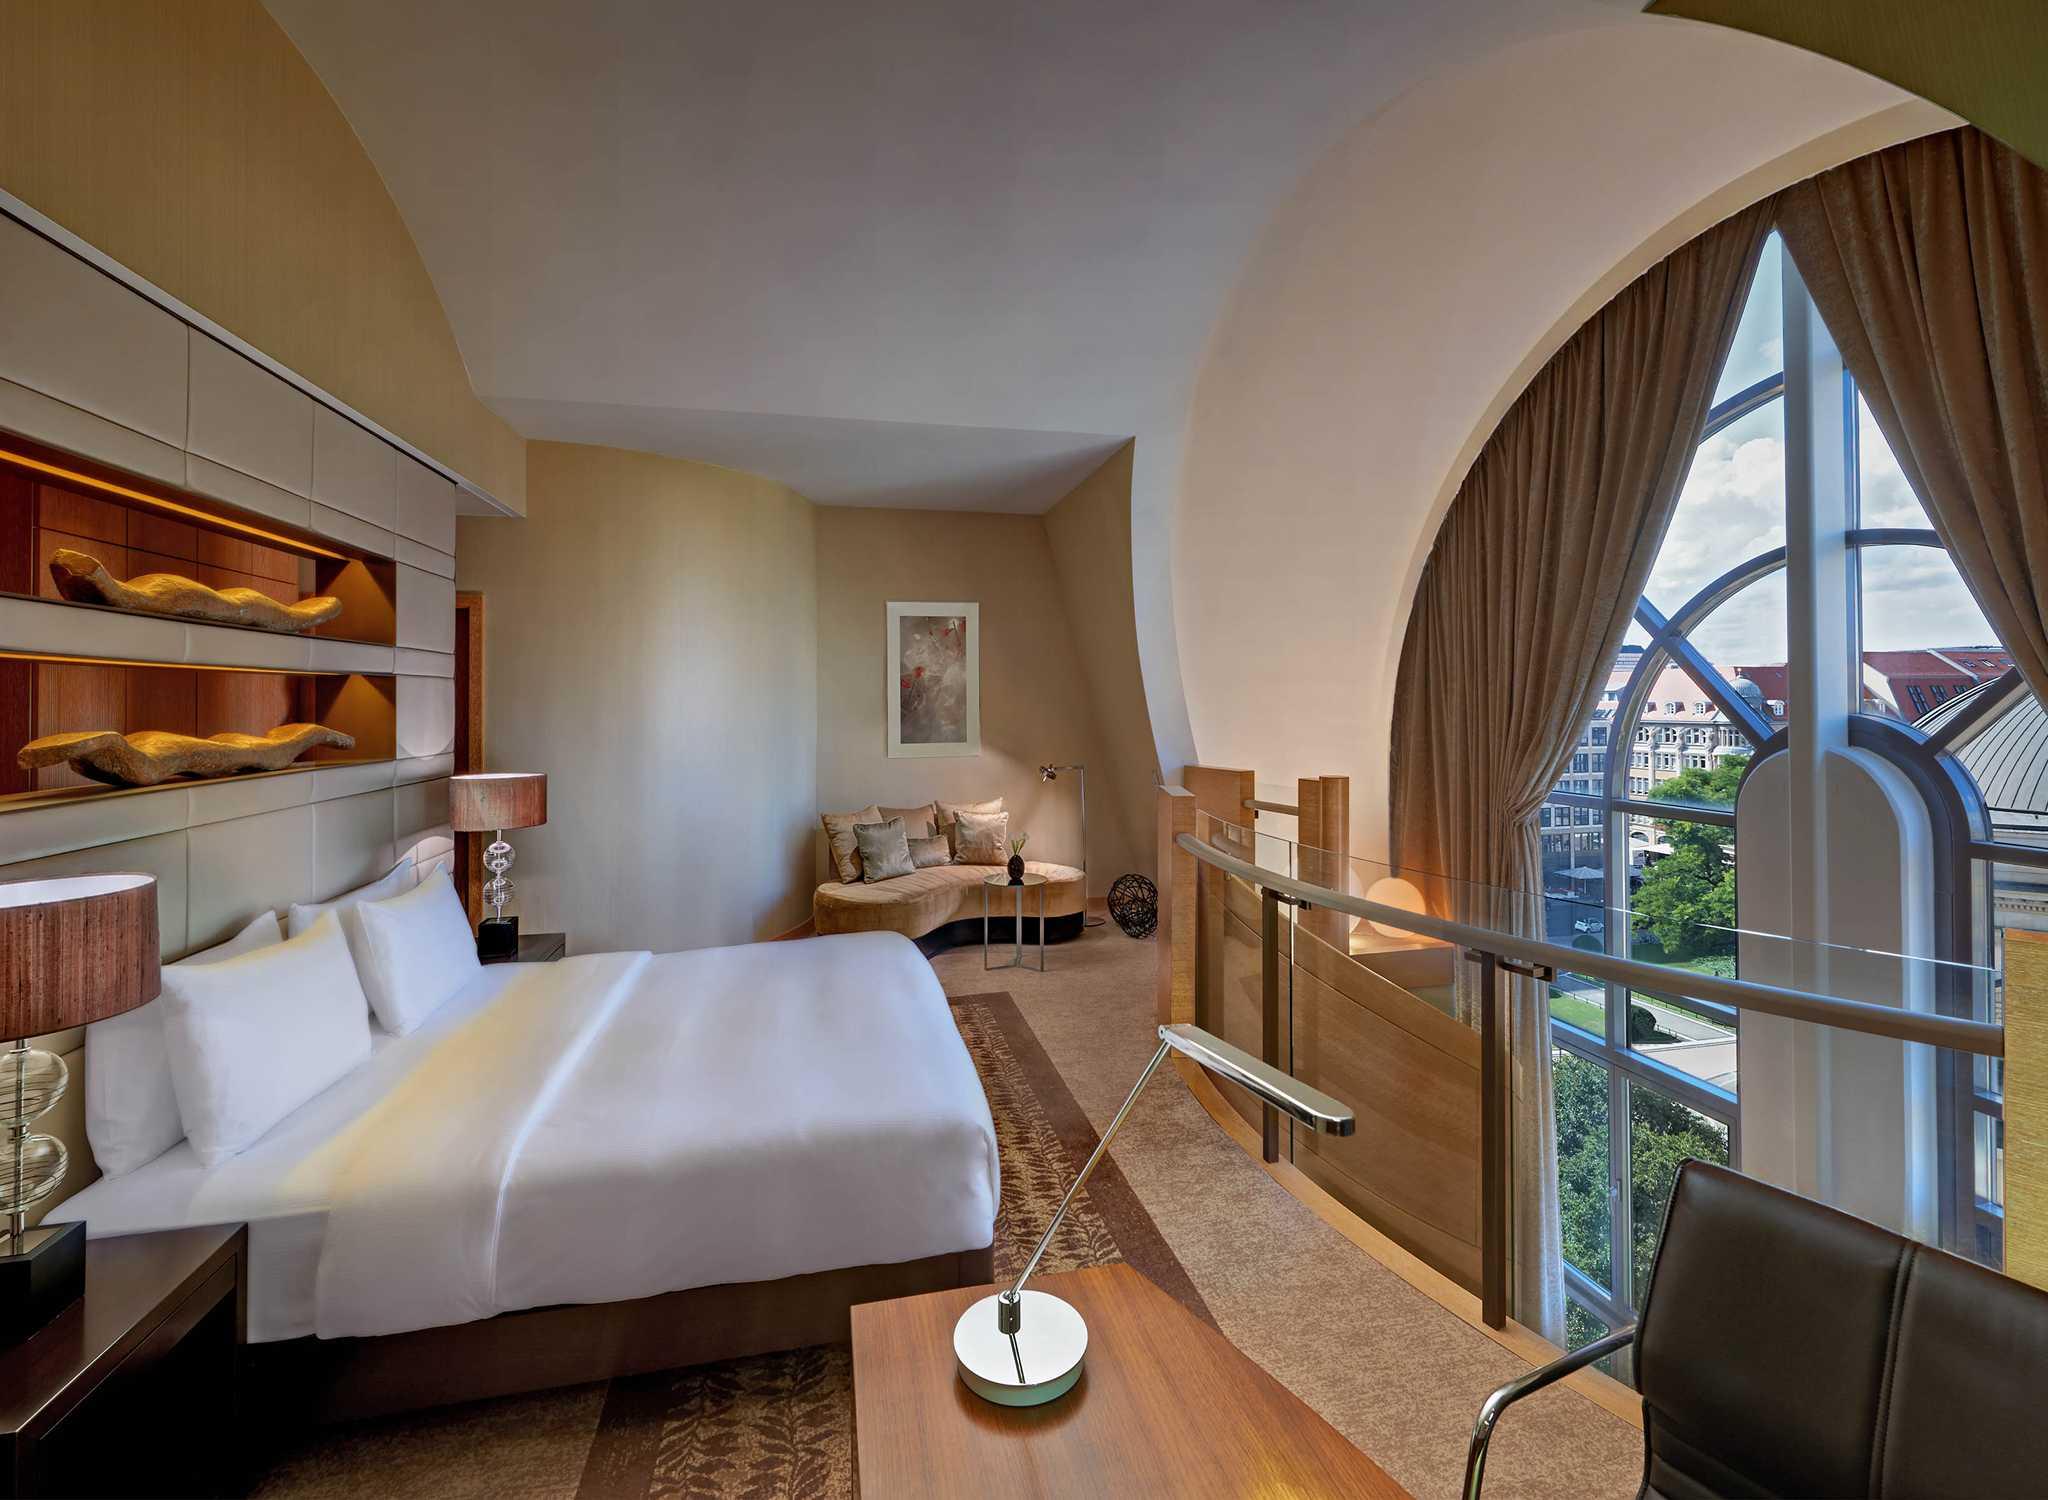 Hotel Lebensquelle Berlin Bewertungen